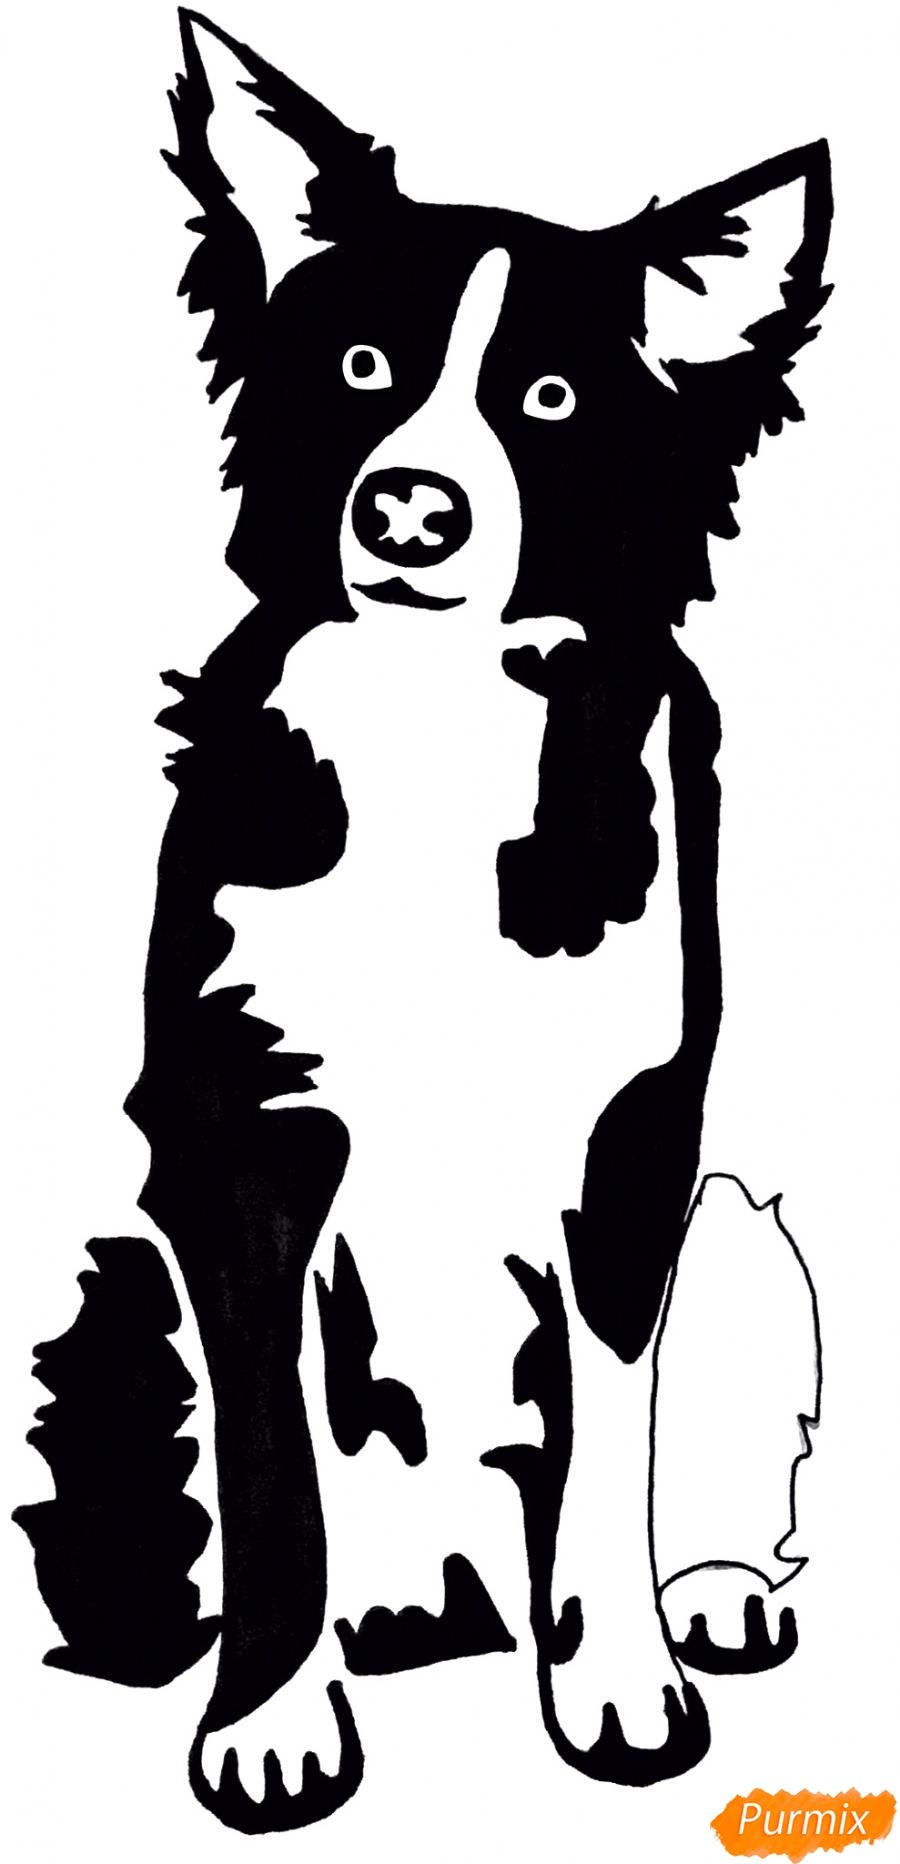 Рисуем тату собаку - фото 10